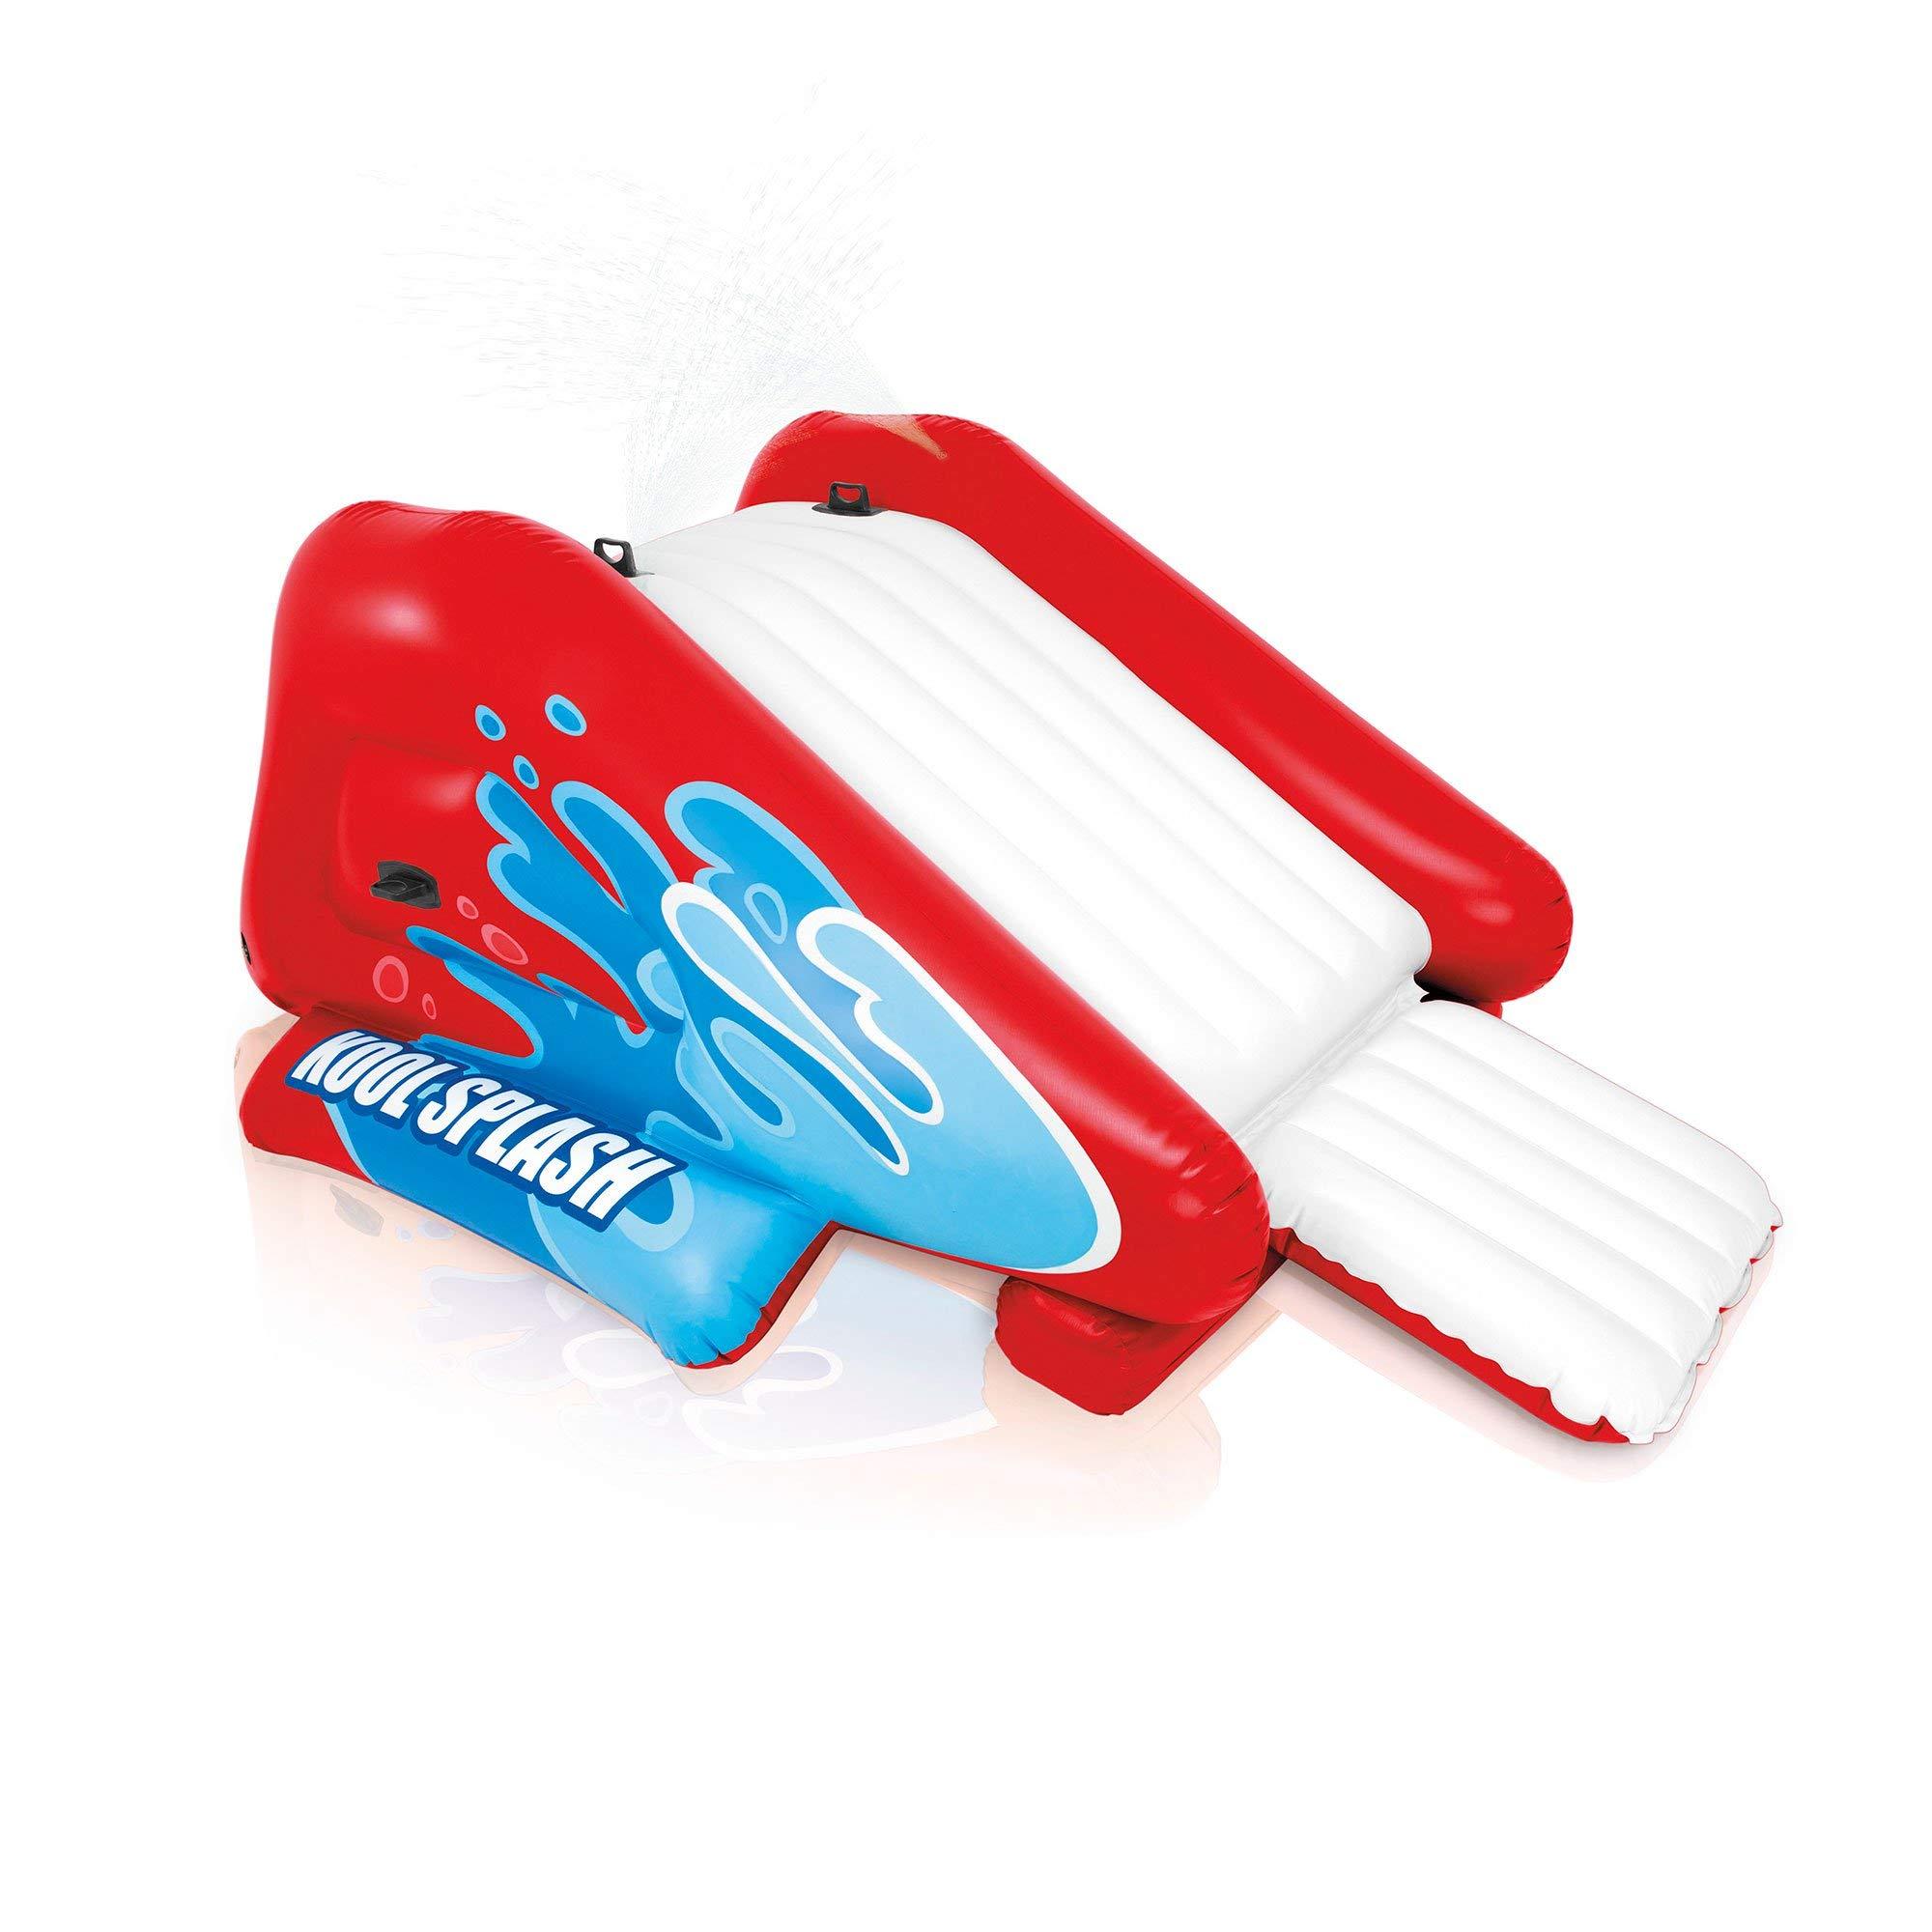 Intex Kool Splash Kids Inflatable Swimming Pool Water Slide Accessory 58849EP by Intex